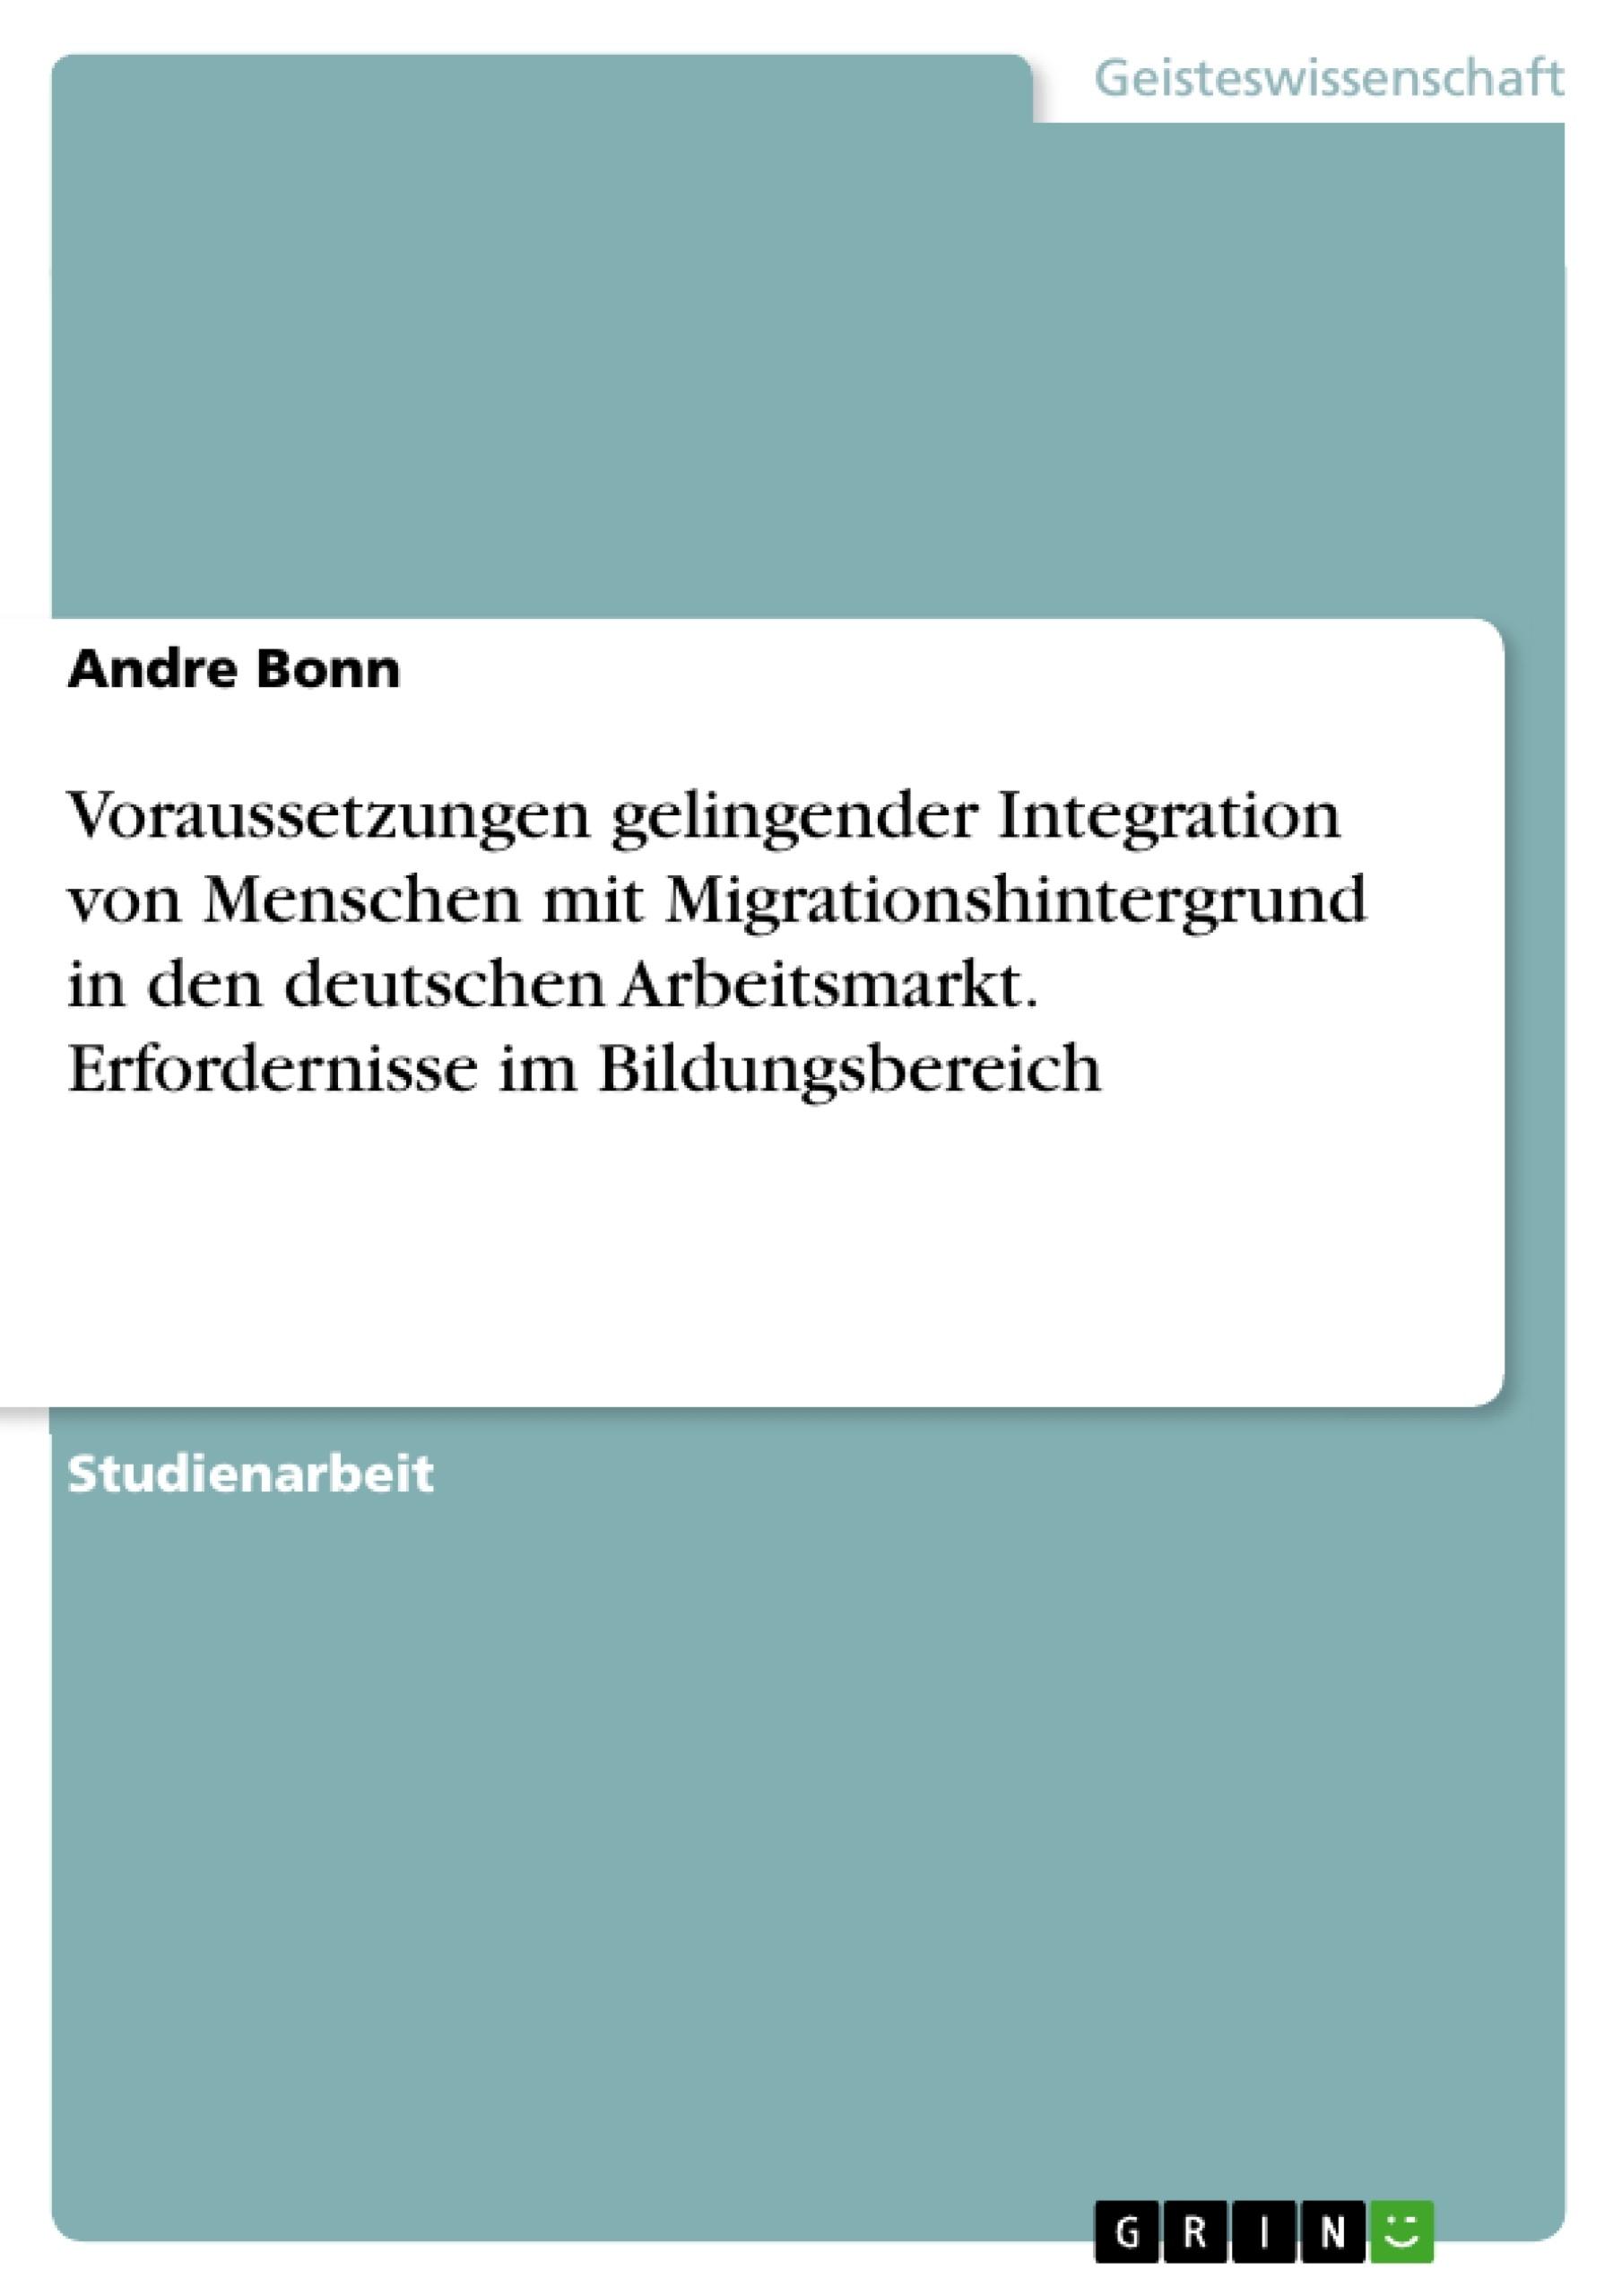 Titel: Voraussetzungen gelingender Integration von Menschen mit Migrationshintergrund in den deutschen Arbeitsmarkt. Erfordernisse im Bildungsbereich